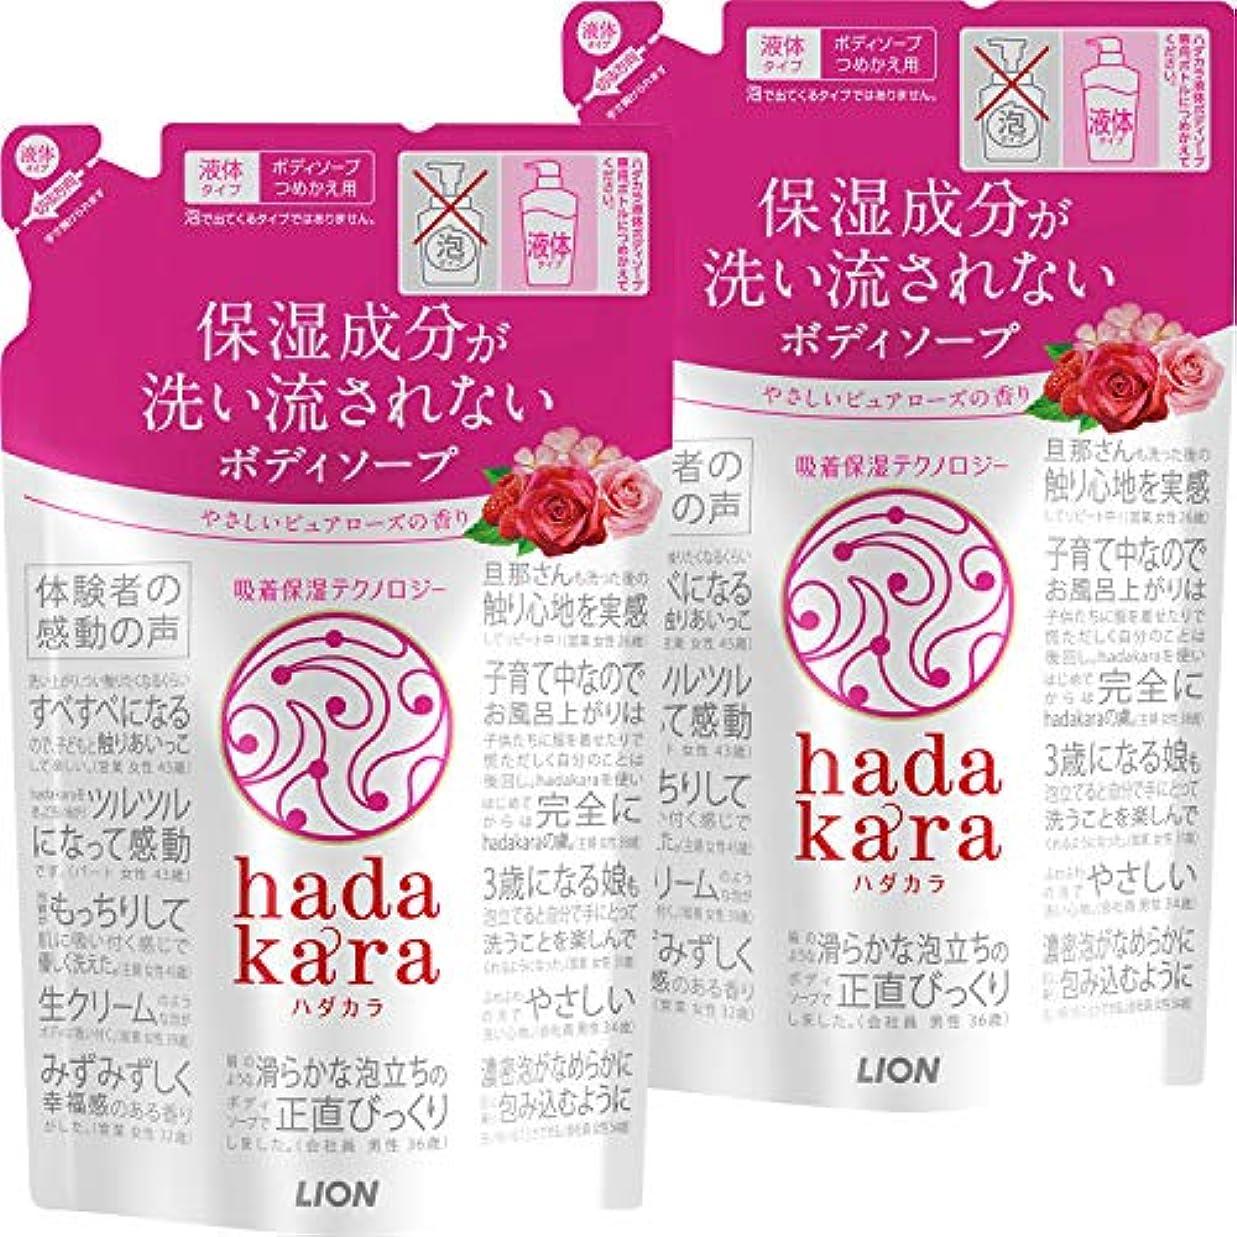 逆説護衛焼く【まとめ買い】hadakara(ハダカラ) ボディソープ ピュアローズの香り 詰め替え 360ml×2個パック